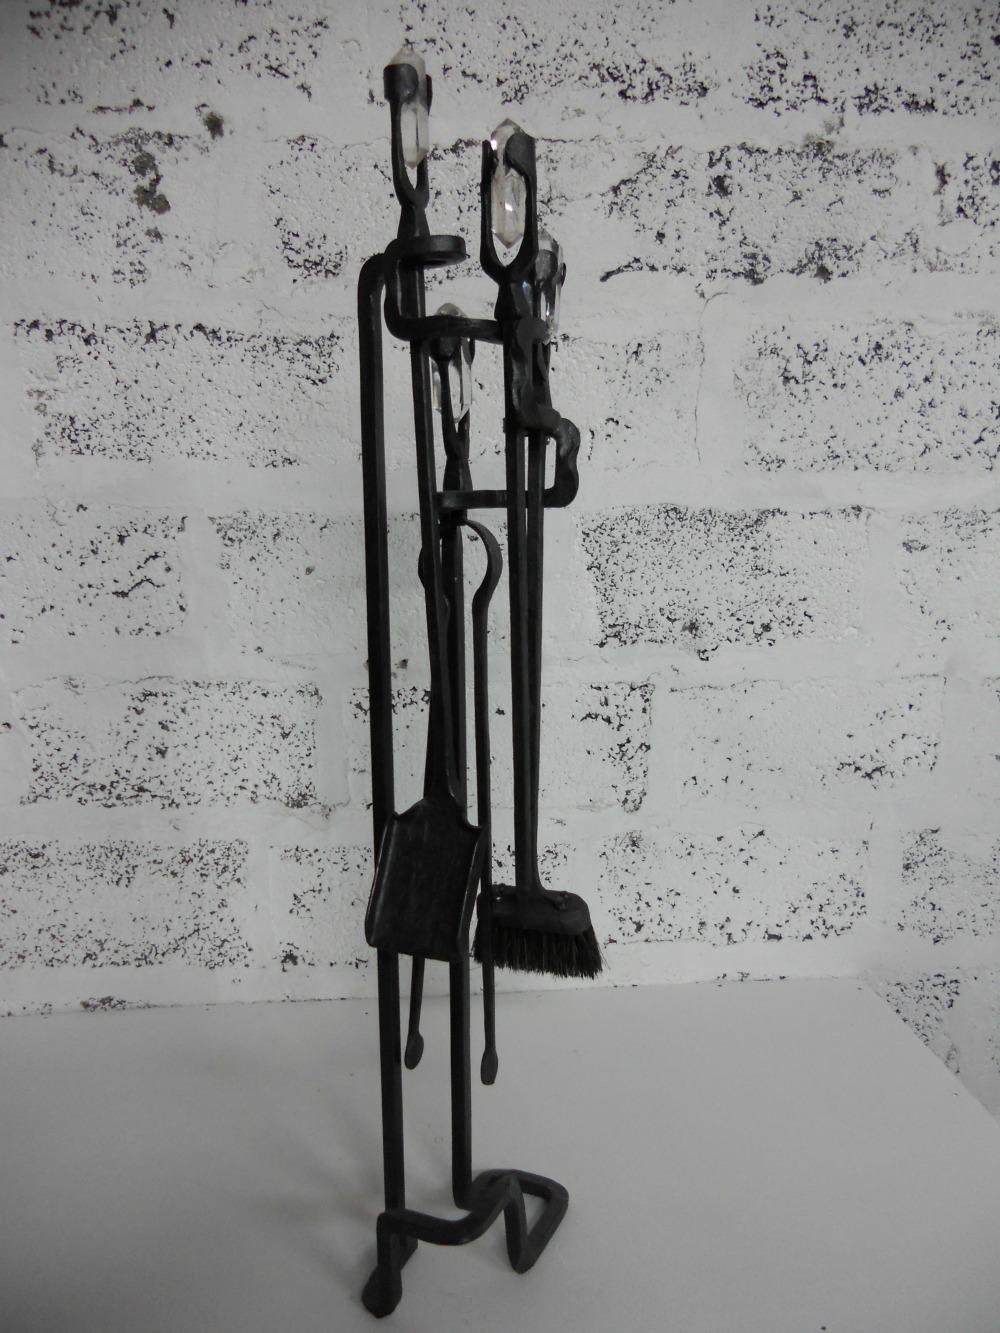 valet de cheminée